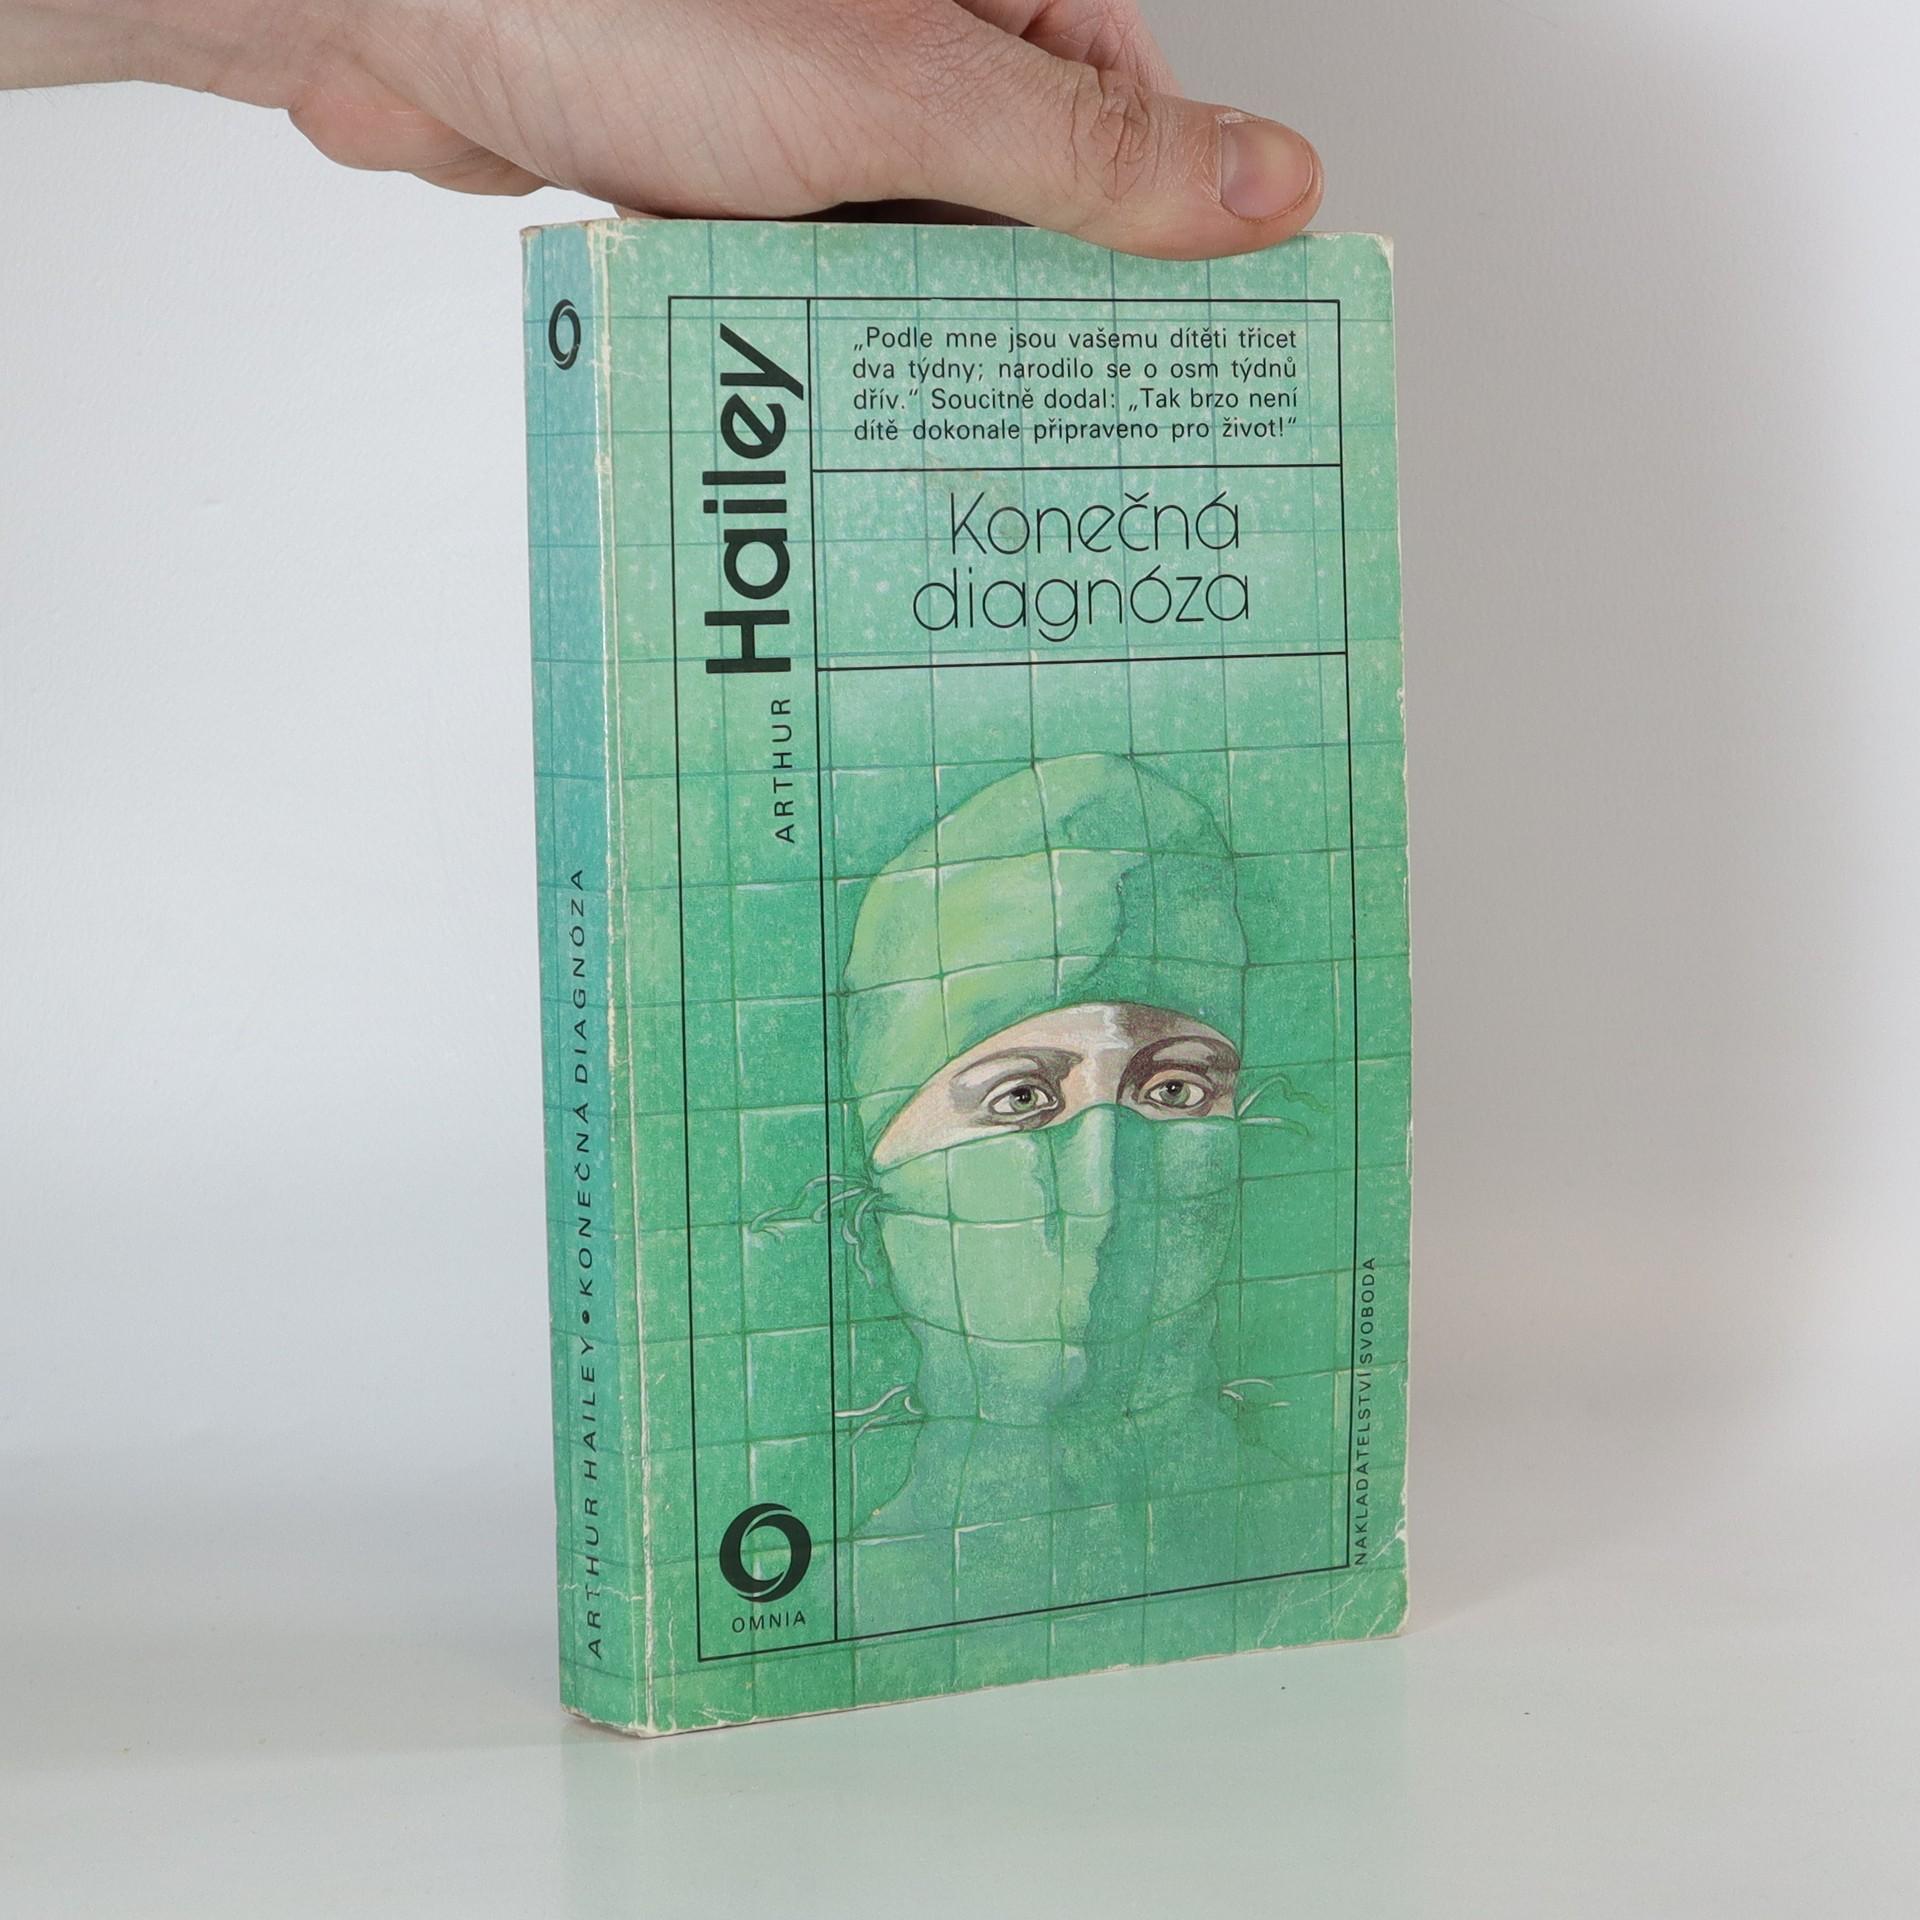 antikvární kniha Konečná diagnóza, 1991